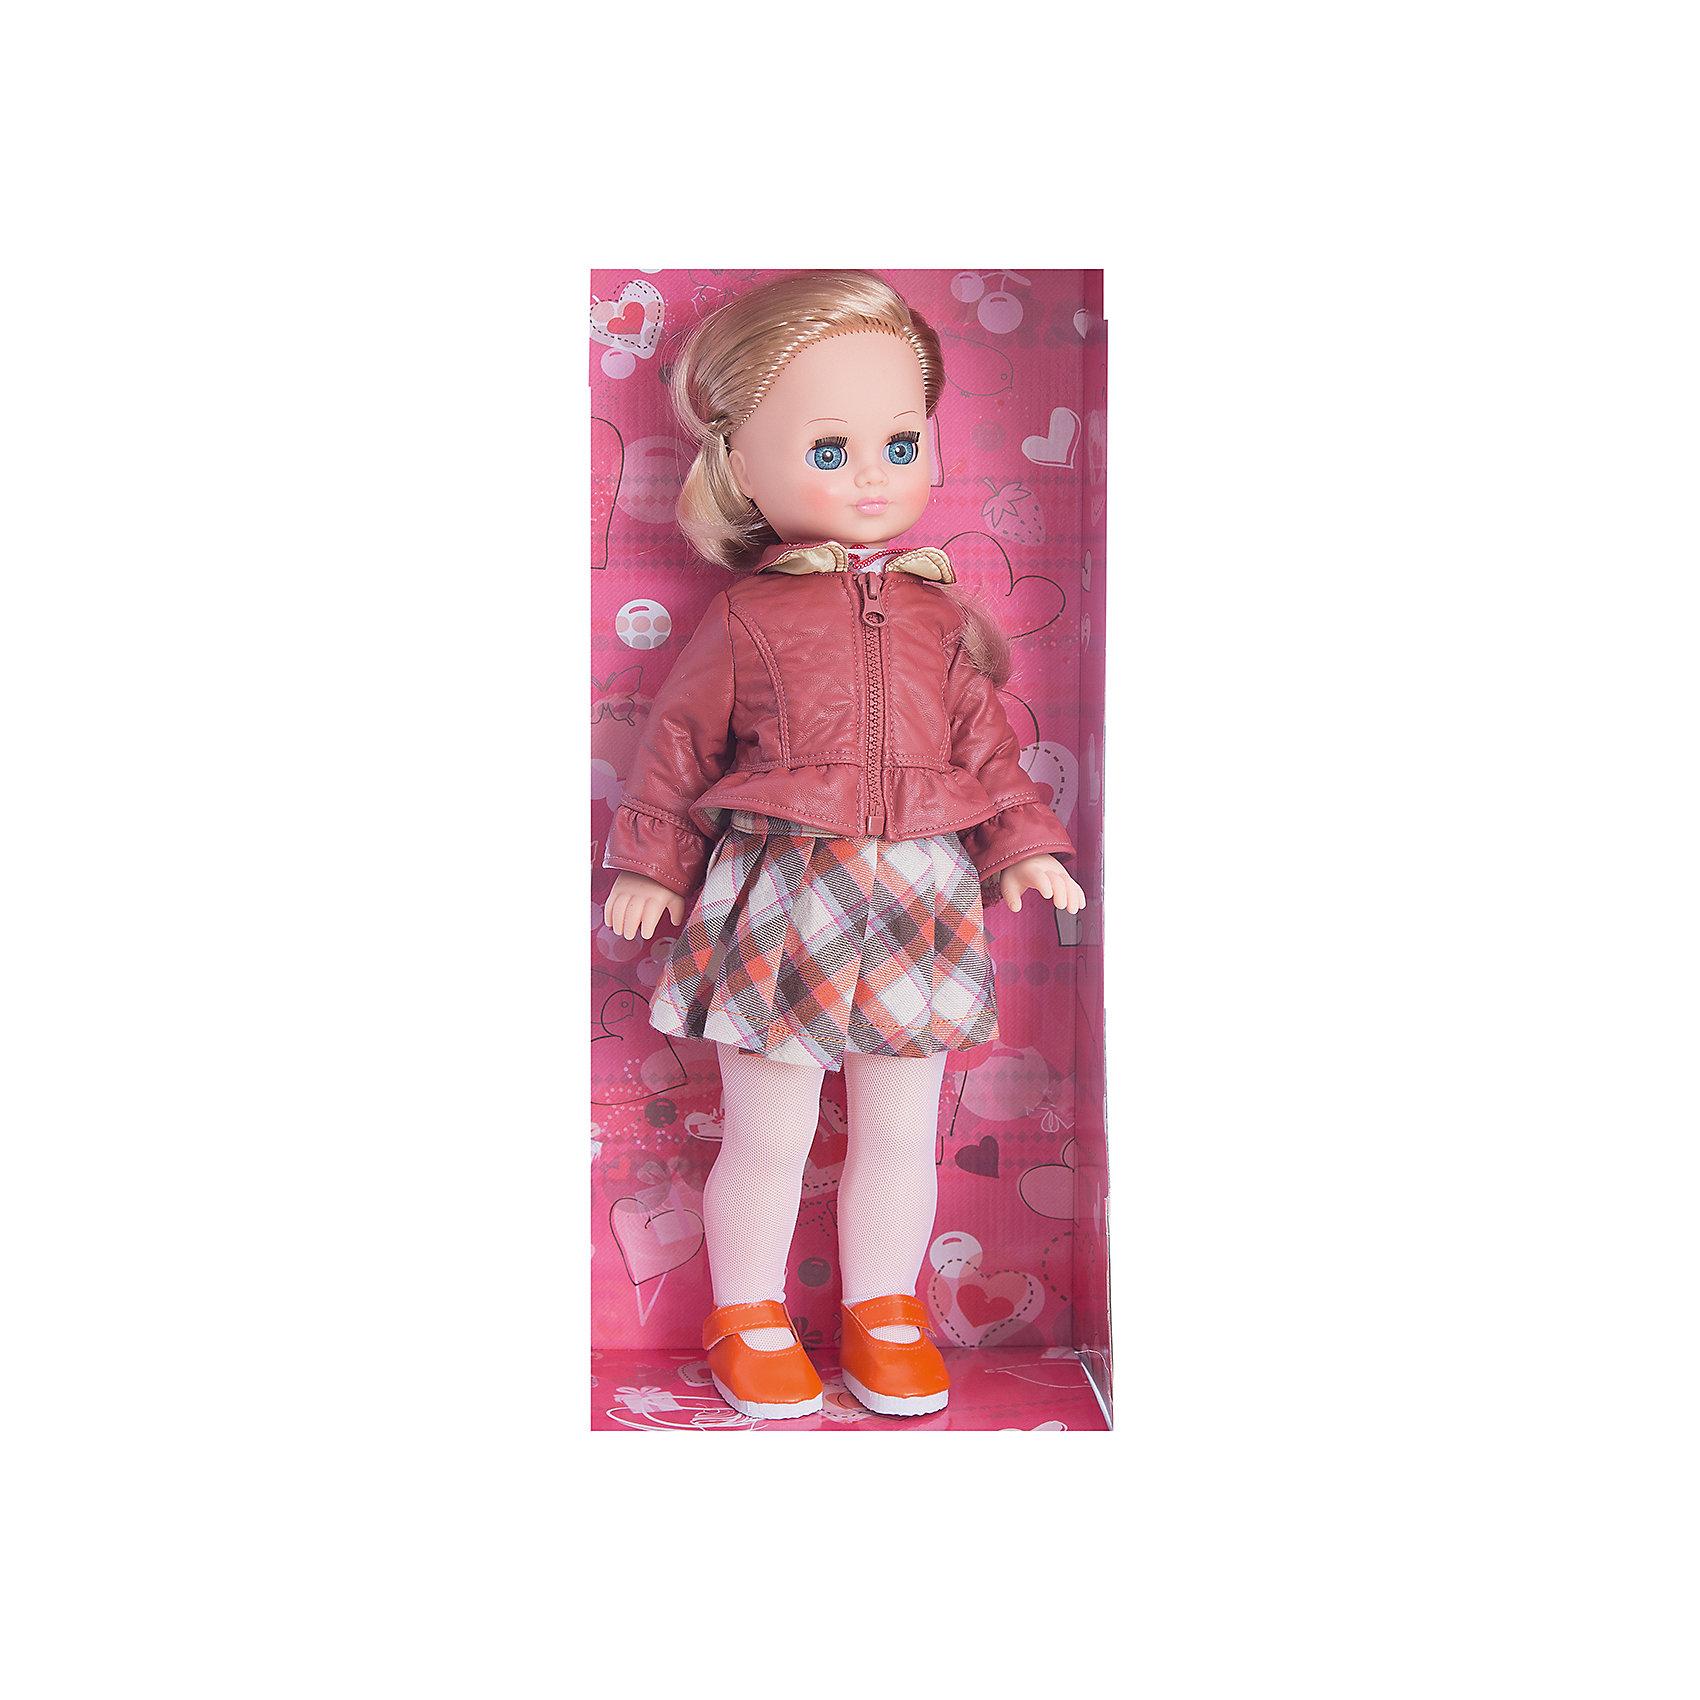 Кукла Лиза 1, со звуком, 42 см, ВеснаИнтерактивные куклы<br>Красивая кукла от отечественного производителя способна не просто помочь ребенку весело проводить время, но и научить девочку одеваться со вкусом. На ней - красивый наряд с юбкой и курткой, обувь, всё можно снимать и надевать.<br>Кукла произносит несколько фраз, механизм работает от батареек. Очень красиво смотрятся пышные волосы, на которых можно делать прически. Сделана игрушка из качественных и безопасных для ребенка материалов. Такая кукла поможет ребенку освоить механизмы социальных взаимодействий, развить моторику и воображение. Также куклы помогают девочкам научиться заботиться о других.<br><br>Дополнительная информация:<br><br>- материал: пластмасса;<br>- волосы: прошивные;<br>- открывающиеся глаза;<br>- звуковой модуль;<br>- снимающаяся одежда и обувь;<br>- высота: 42 см.<br><br>Комплектация:<br><br>- одежда;<br>- три батарейки СЦ 357.<br><br>Куклу Лиза 1, со звуком, от марки Весна можно купить в нашем магазине.<br><br>Ширина мм: 210<br>Глубина мм: 130<br>Высота мм: 430<br>Вес г: 420<br>Возраст от месяцев: 36<br>Возраст до месяцев: 1188<br>Пол: Женский<br>Возраст: Детский<br>SKU: 4701856